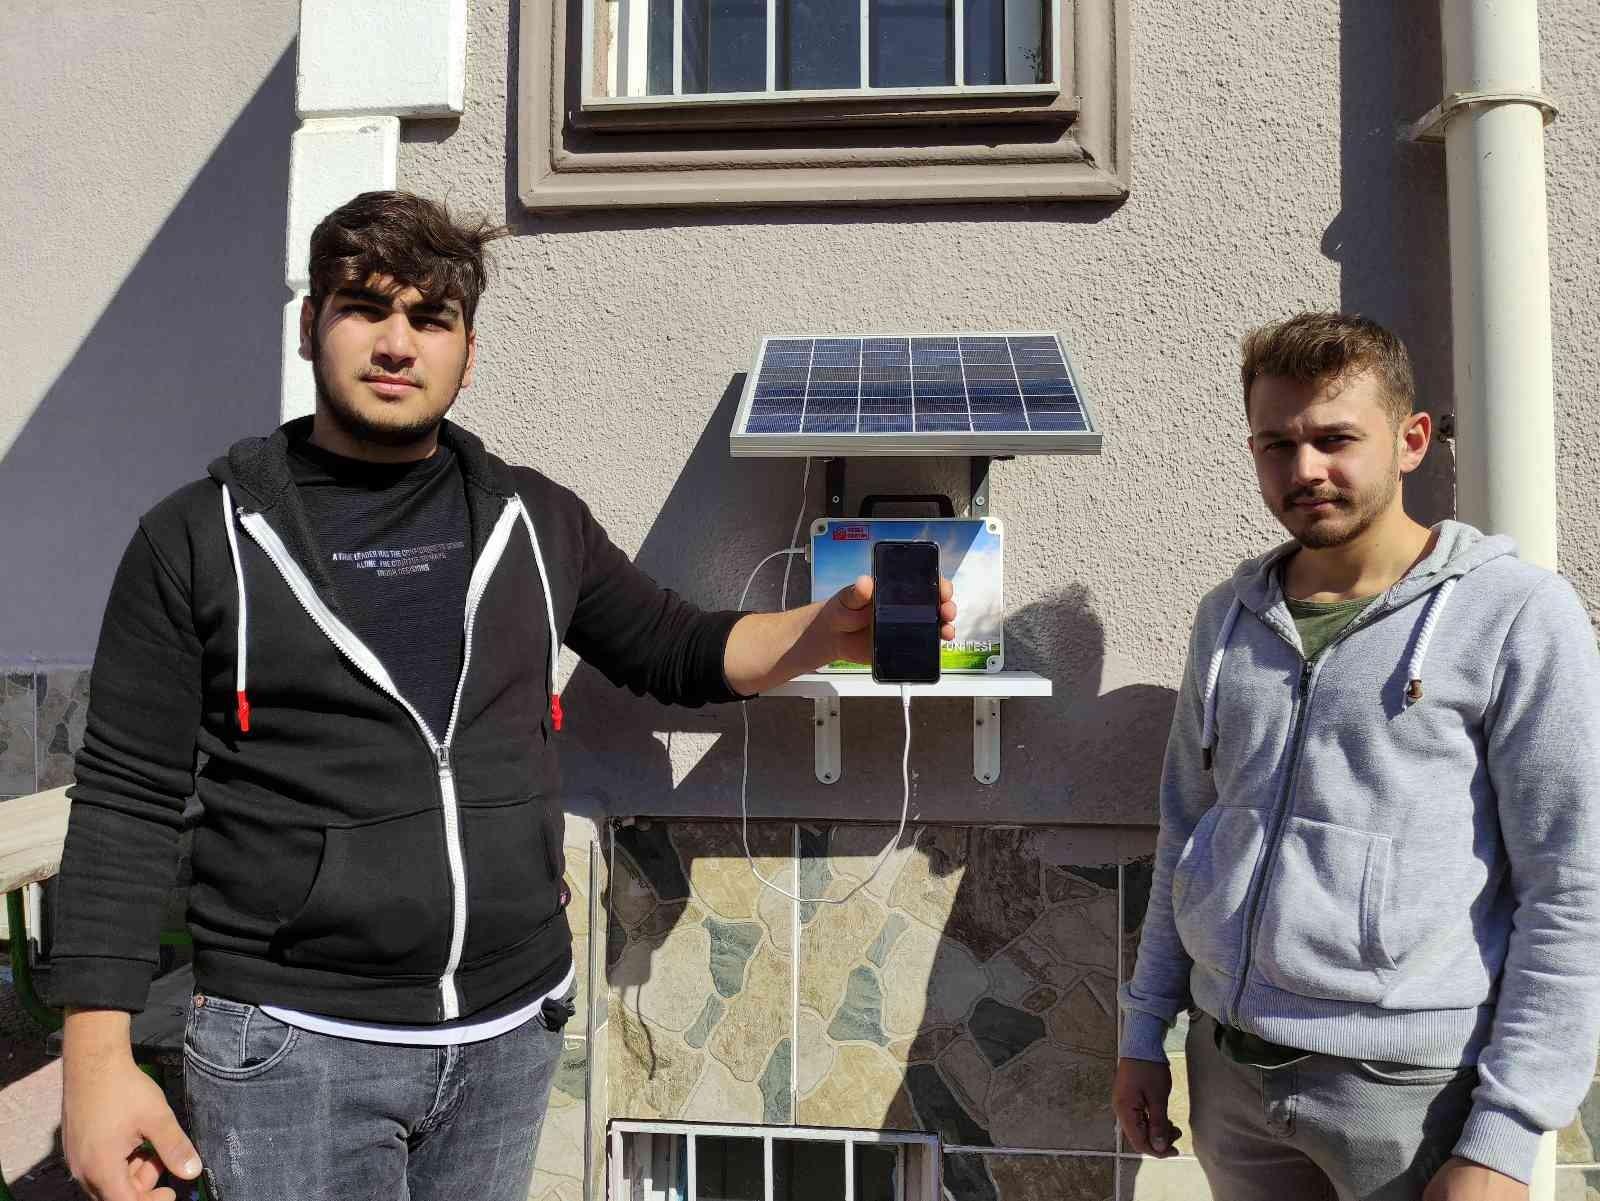 Öğretmen öğrencileri için güneş enerjisiyle çalışan şarj istasyonu yaptı